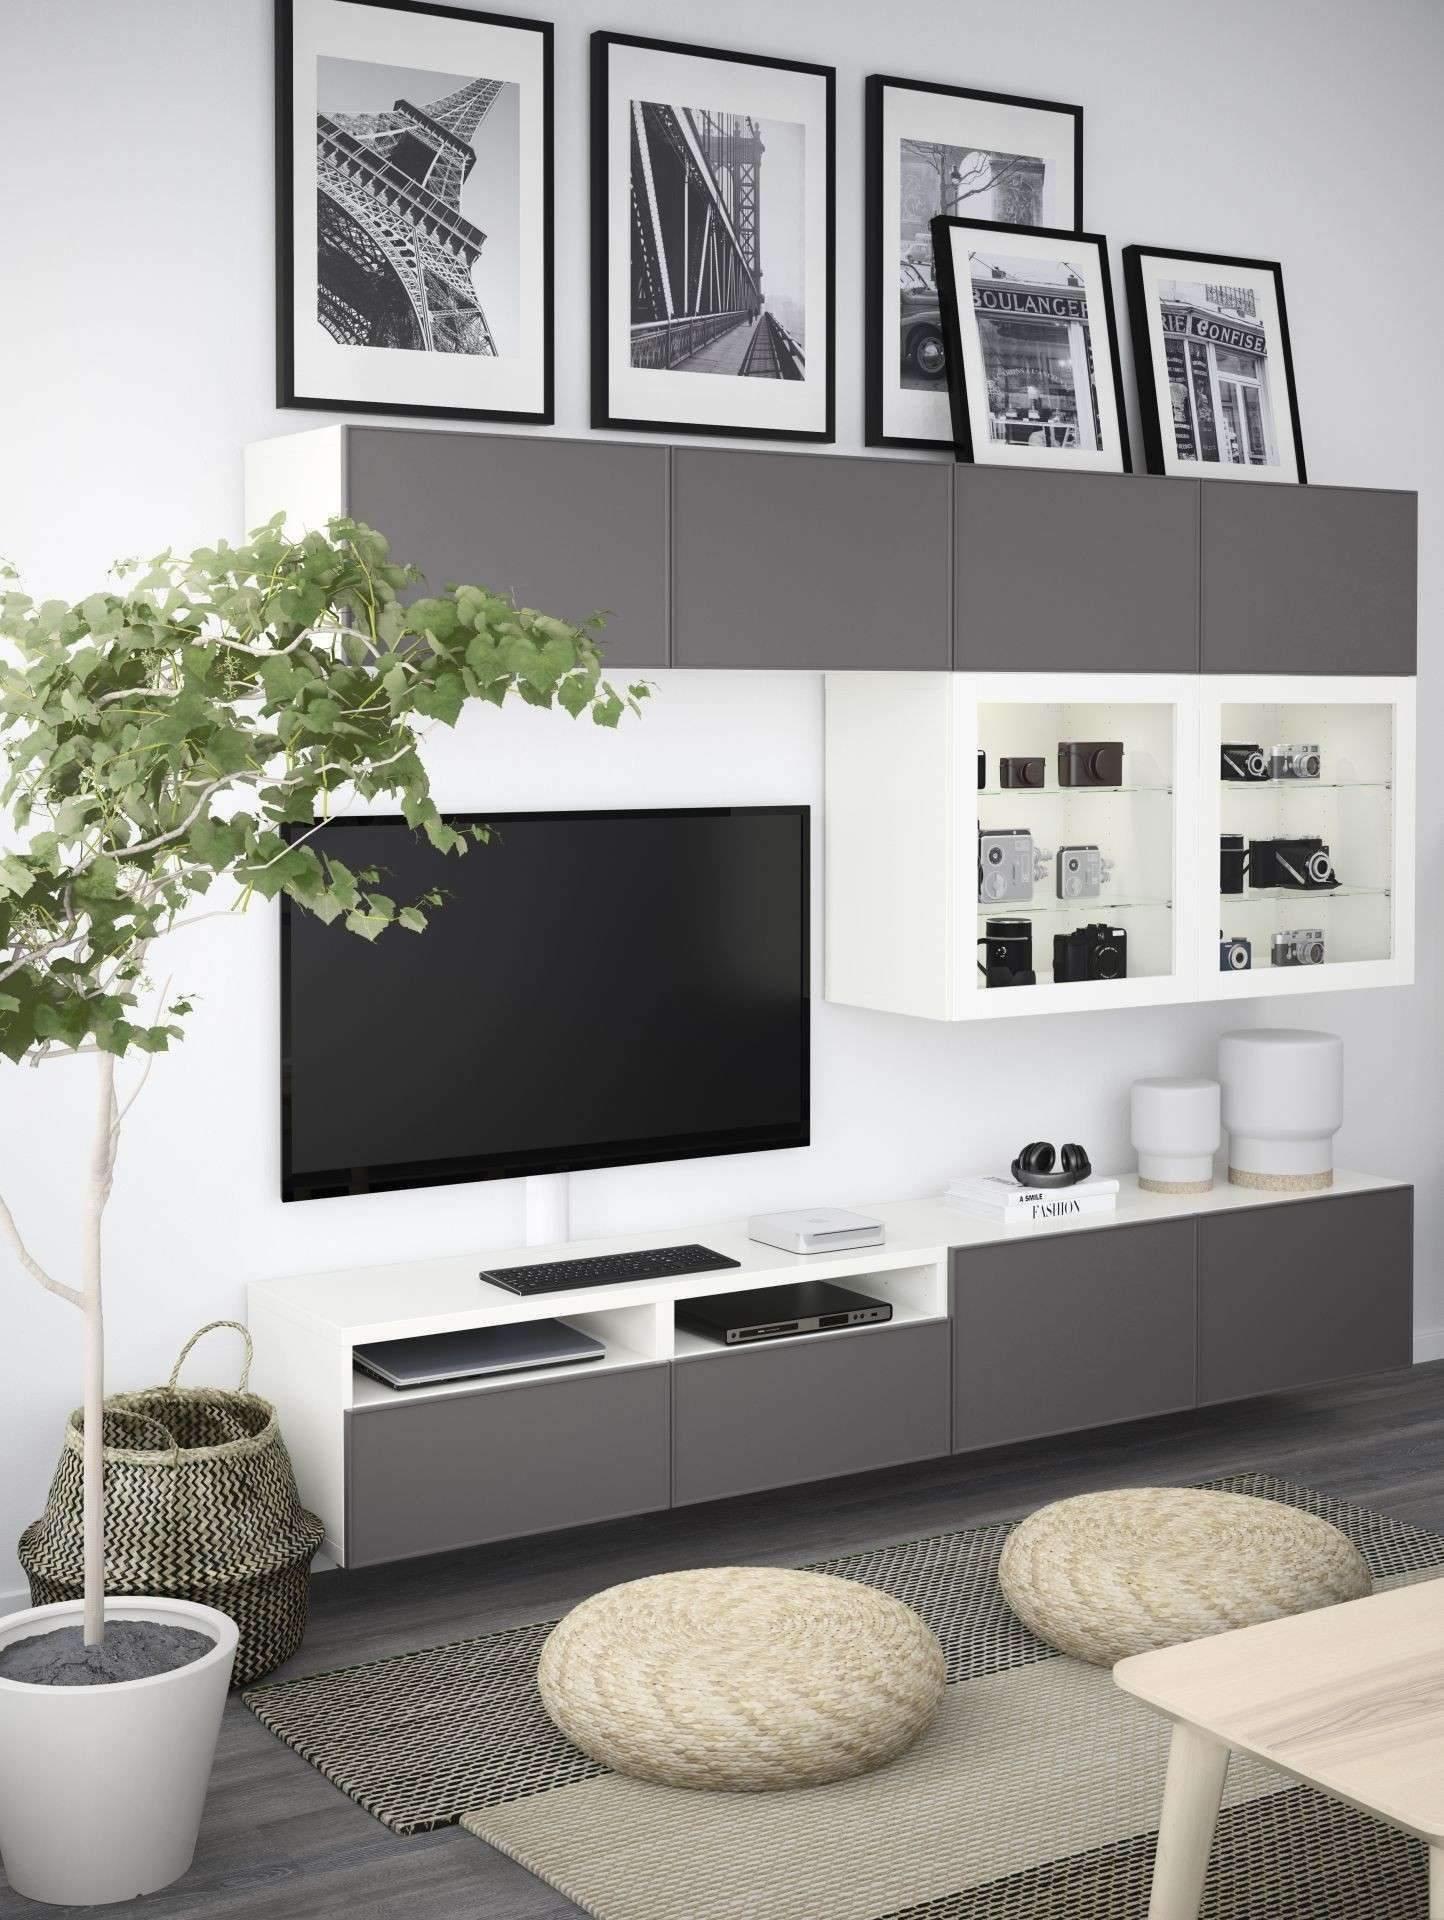 wohnzimmer im landhausstil neu 35 schon wohnzimmer landhausstil ikea das beste von of wohnzimmer im landhausstil